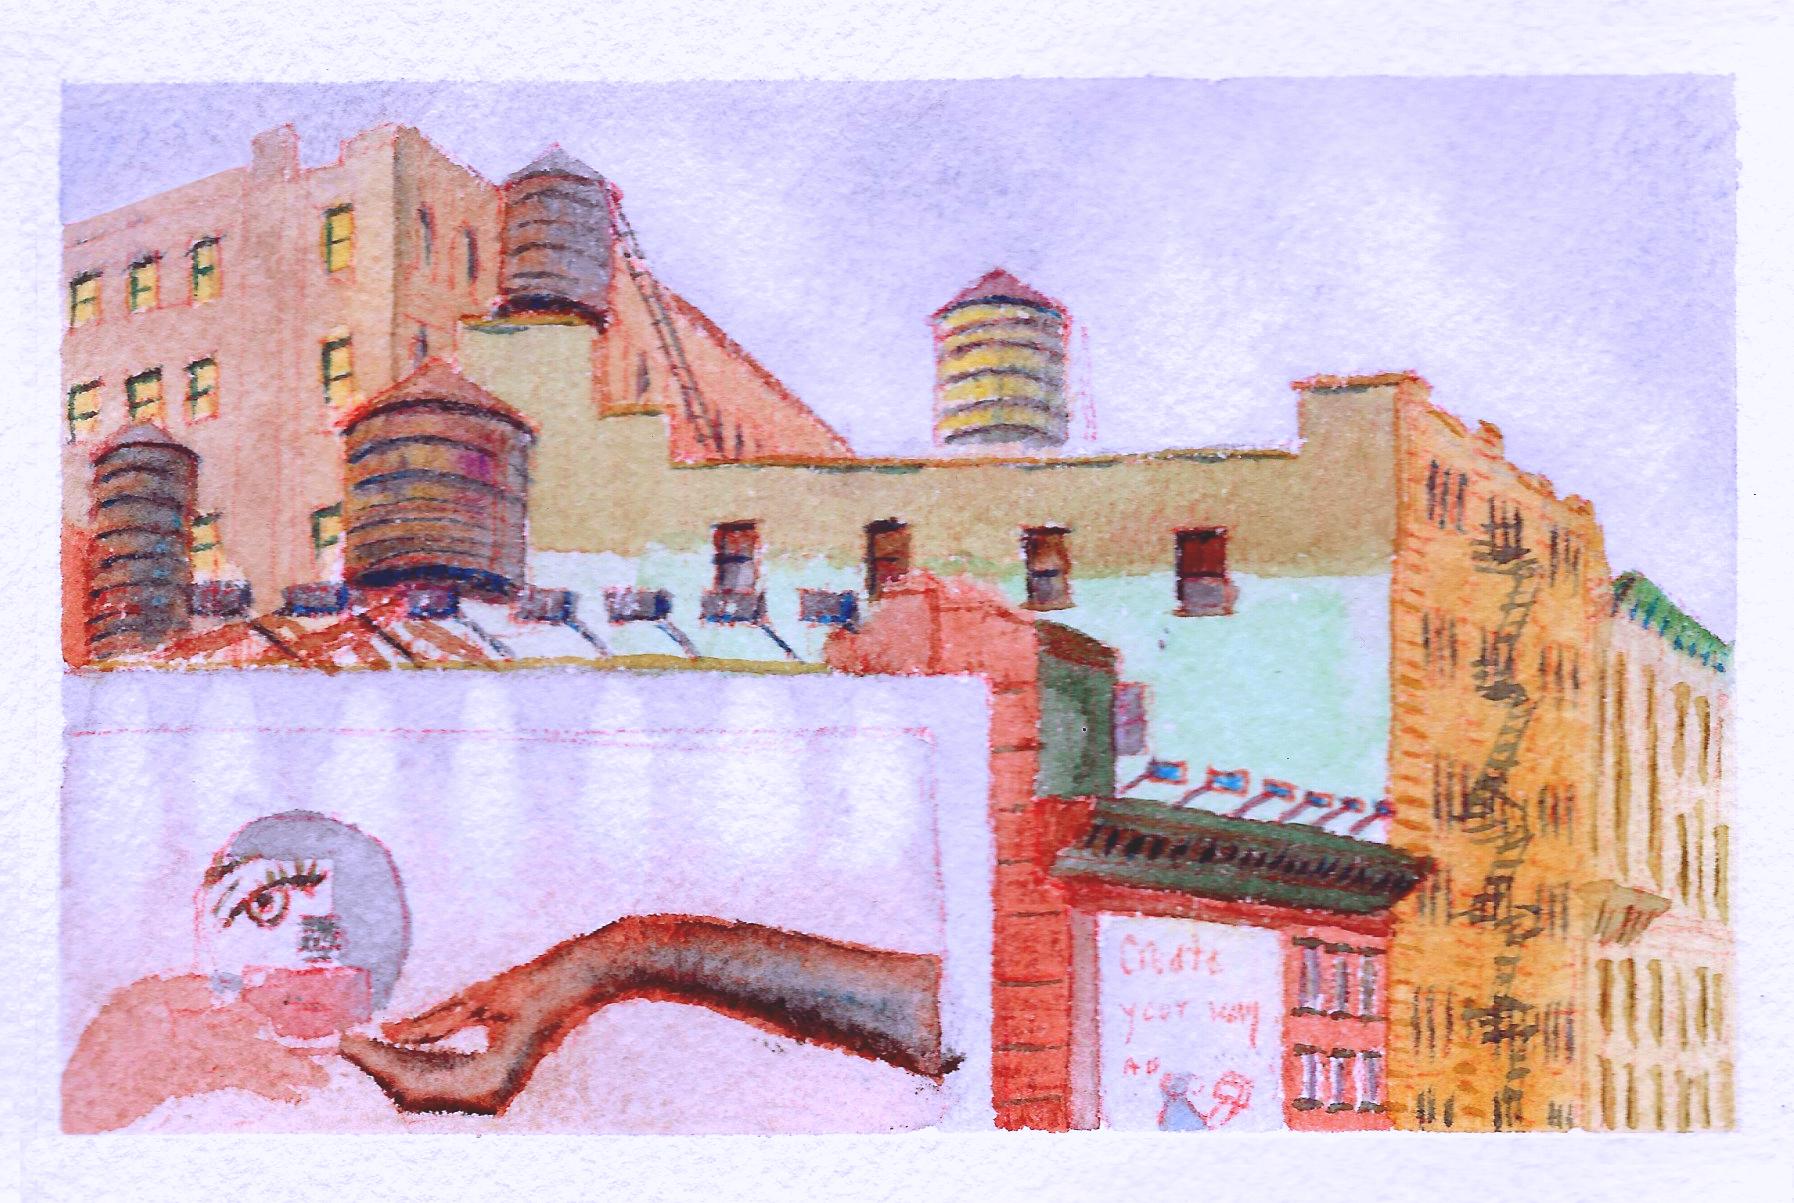 nyc sketchbook-18 soho.png